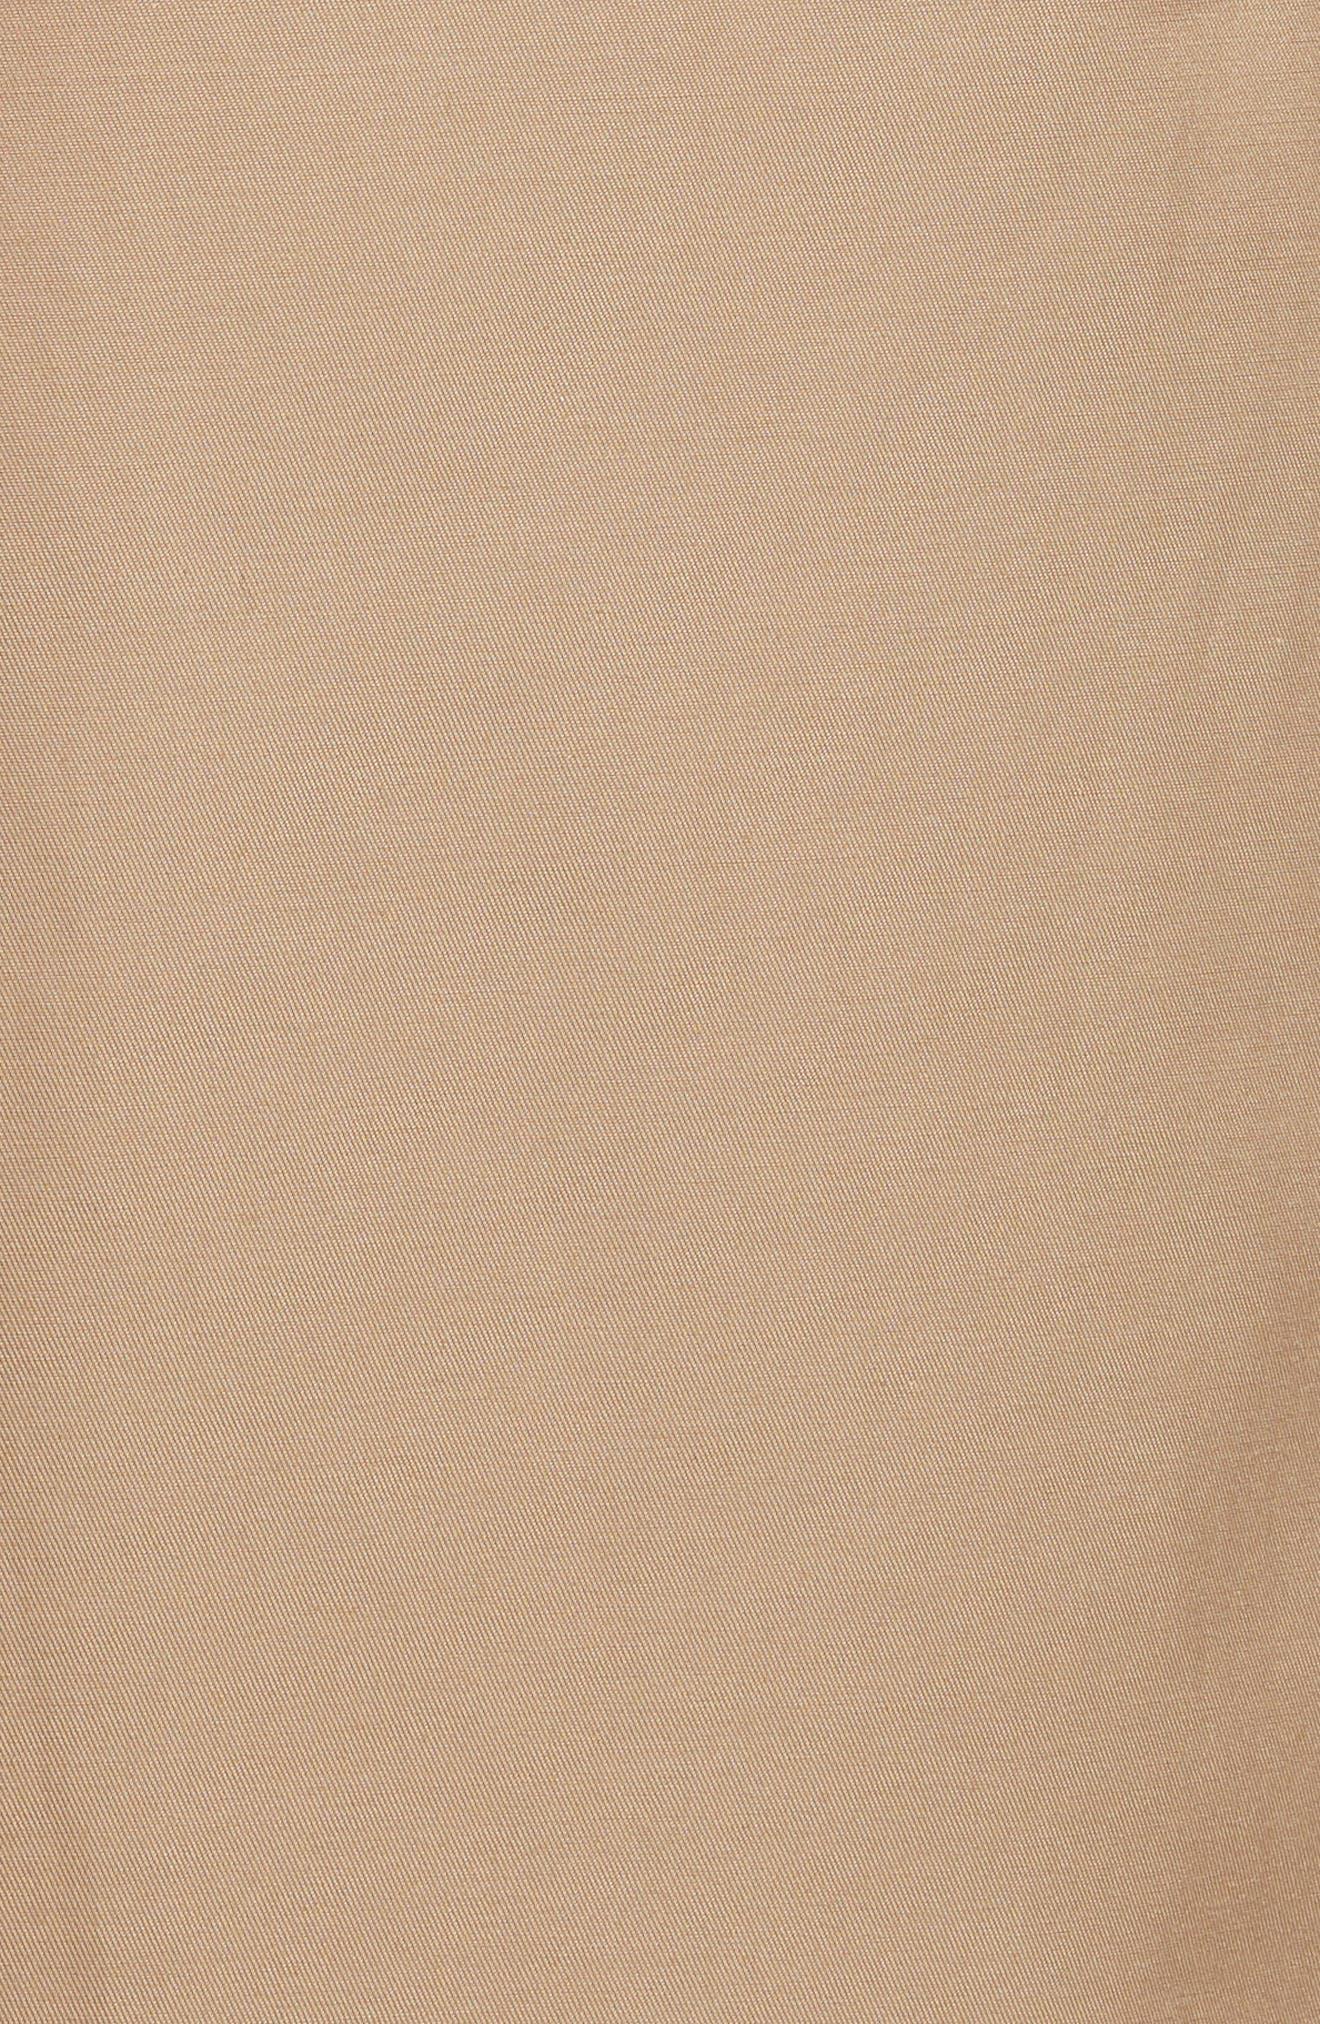 Midi Trench Coat,                             Alternate thumbnail 6, color,                             Khaki